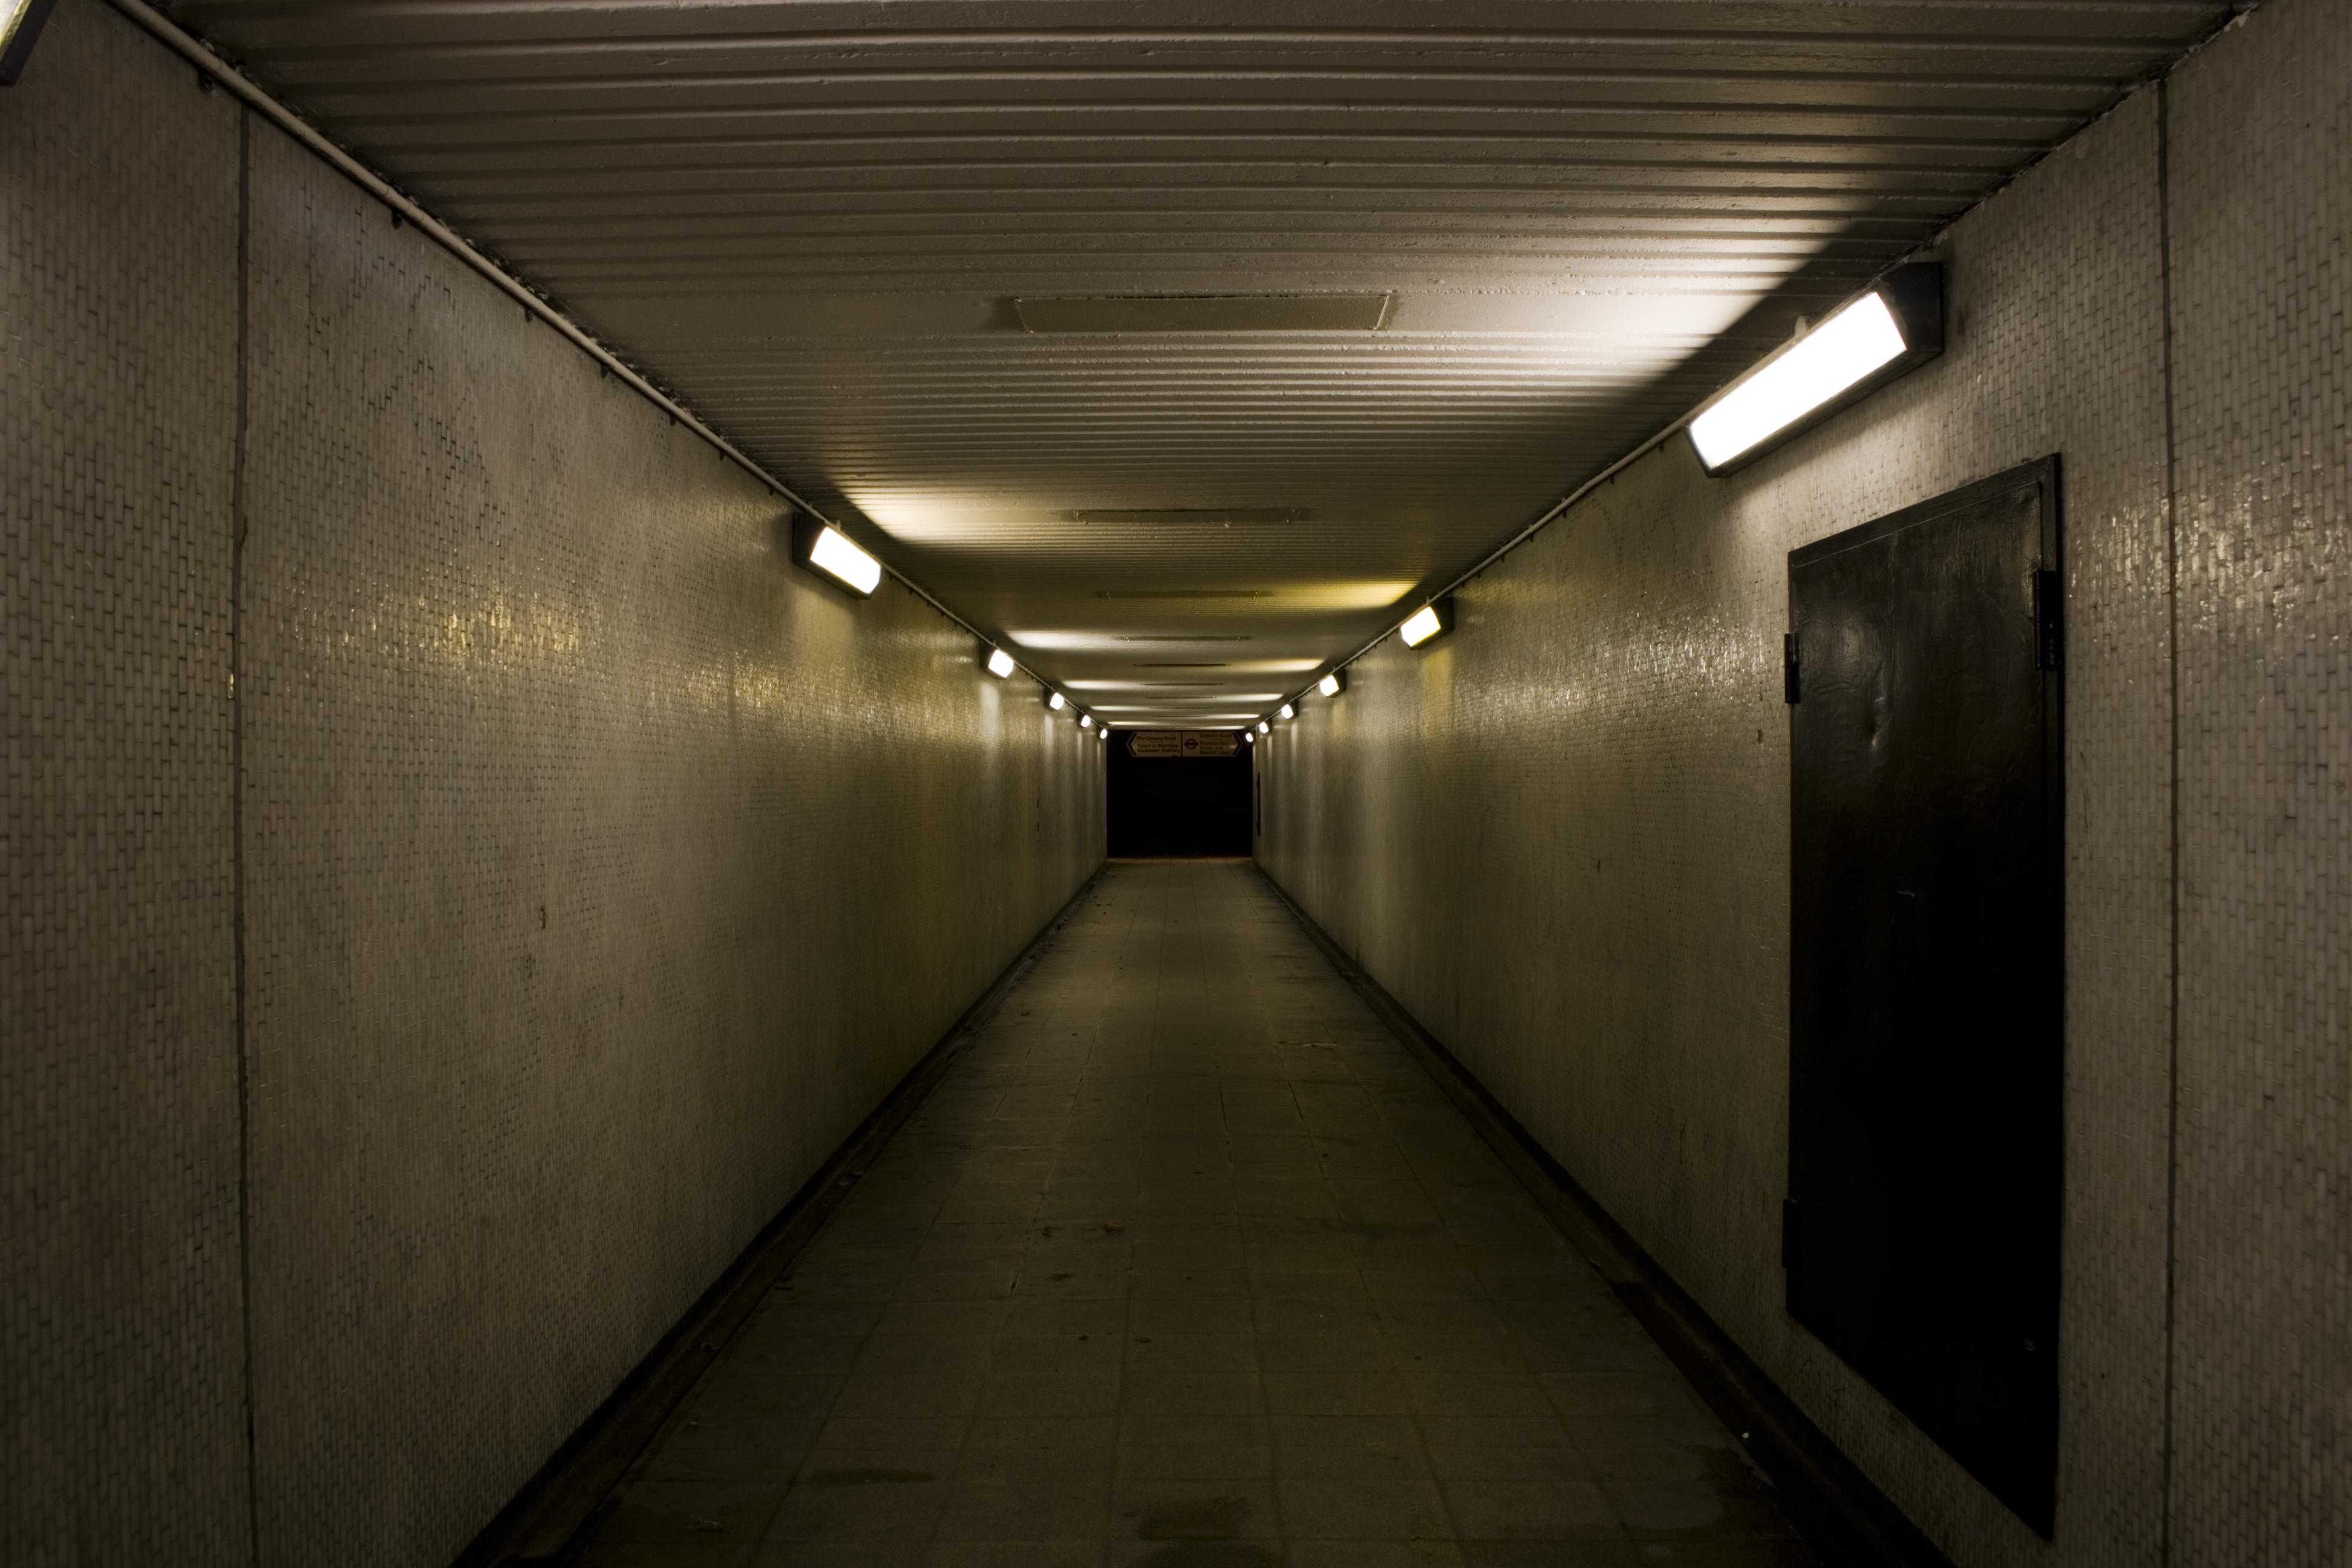 10. Tunel_03